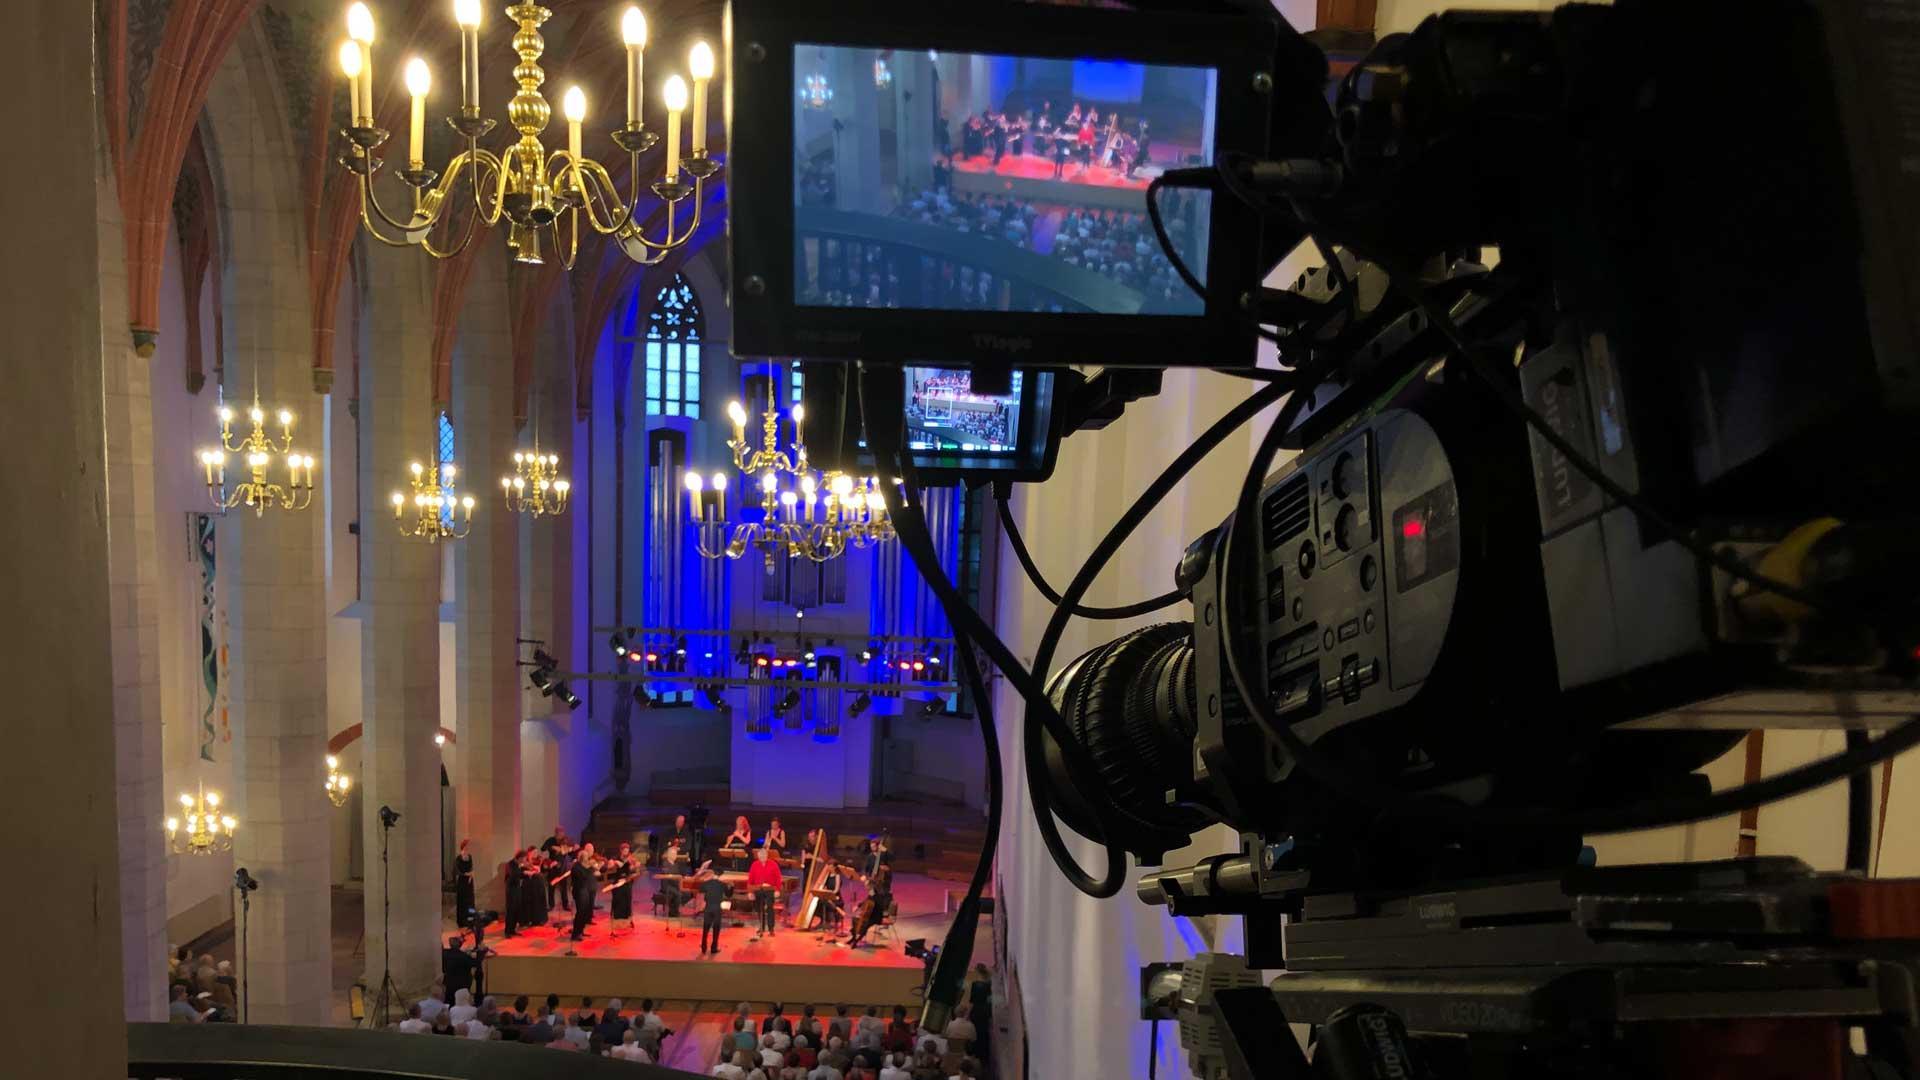 Konzert-Stream: Händelfestspiele für ARTE Concert